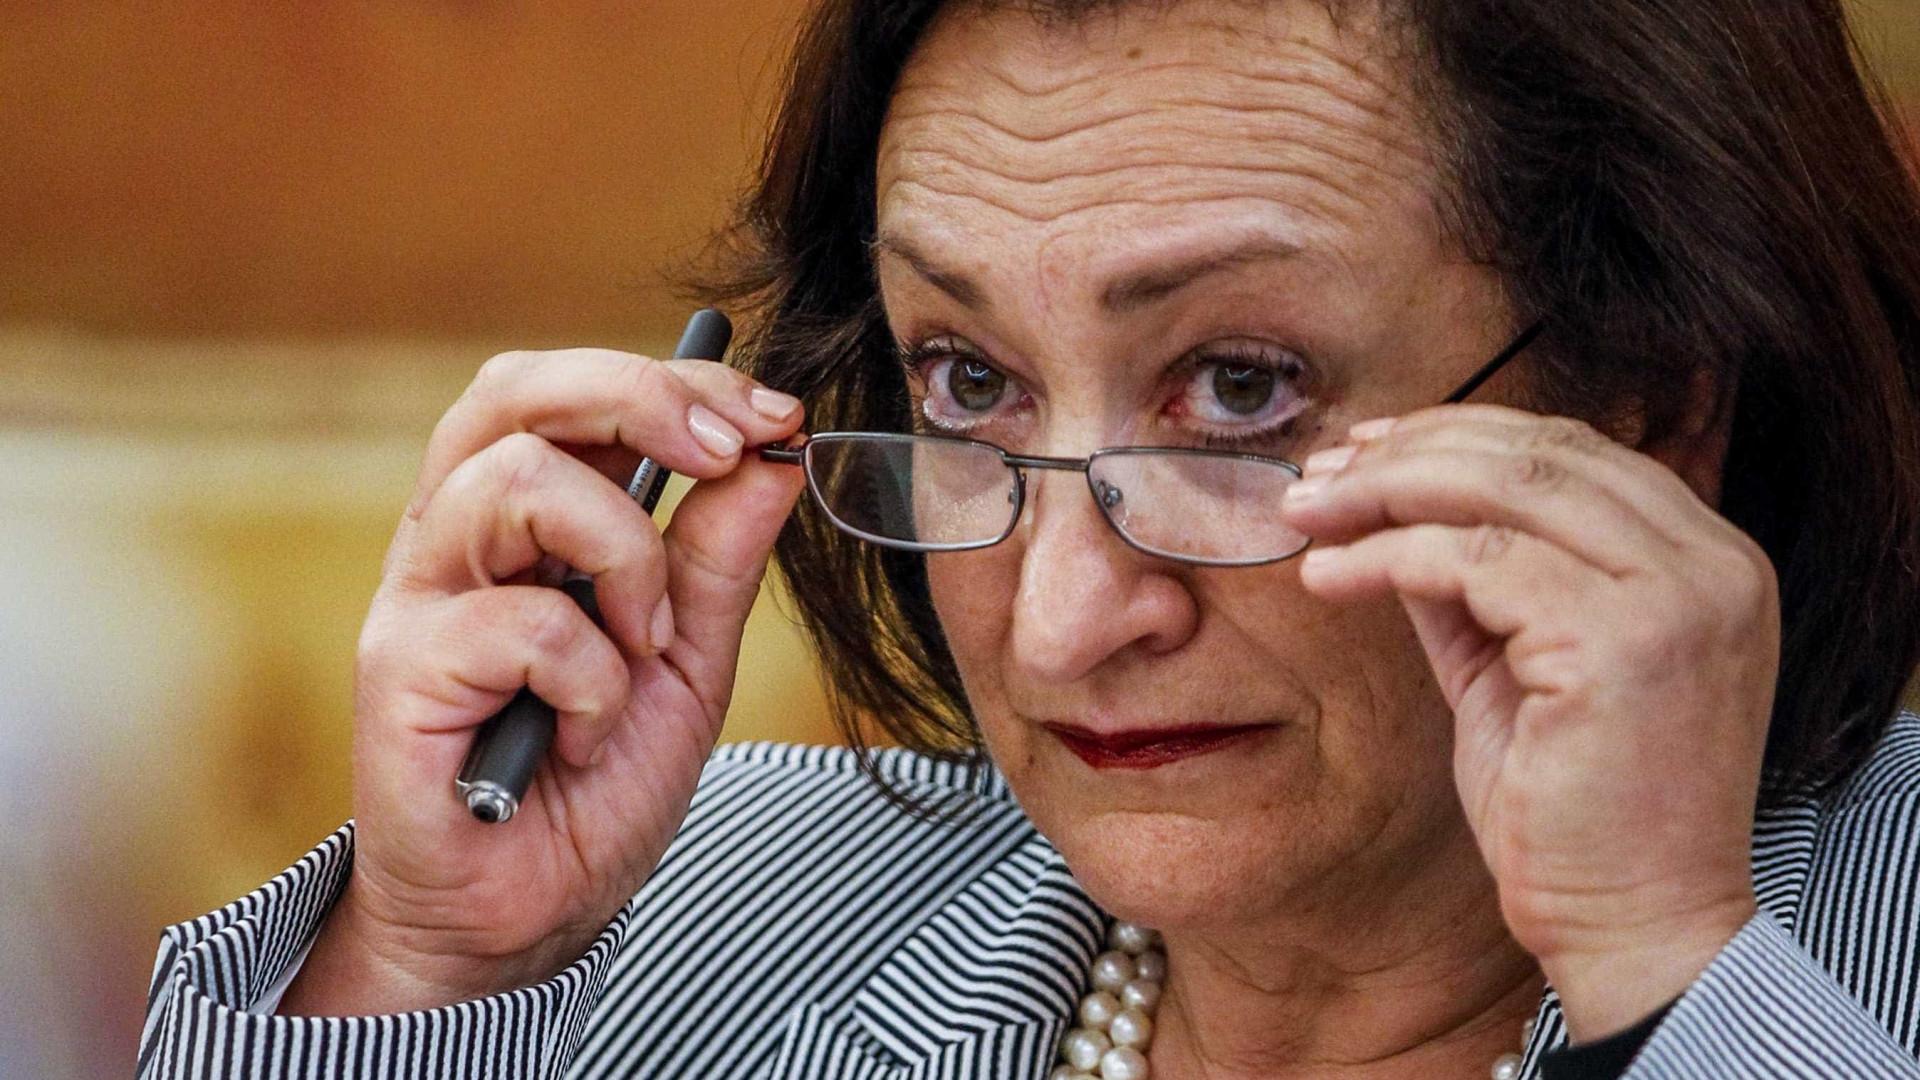 Procuradora Joana Marques Vidal podia ter evitado adoções ilegais na IURD